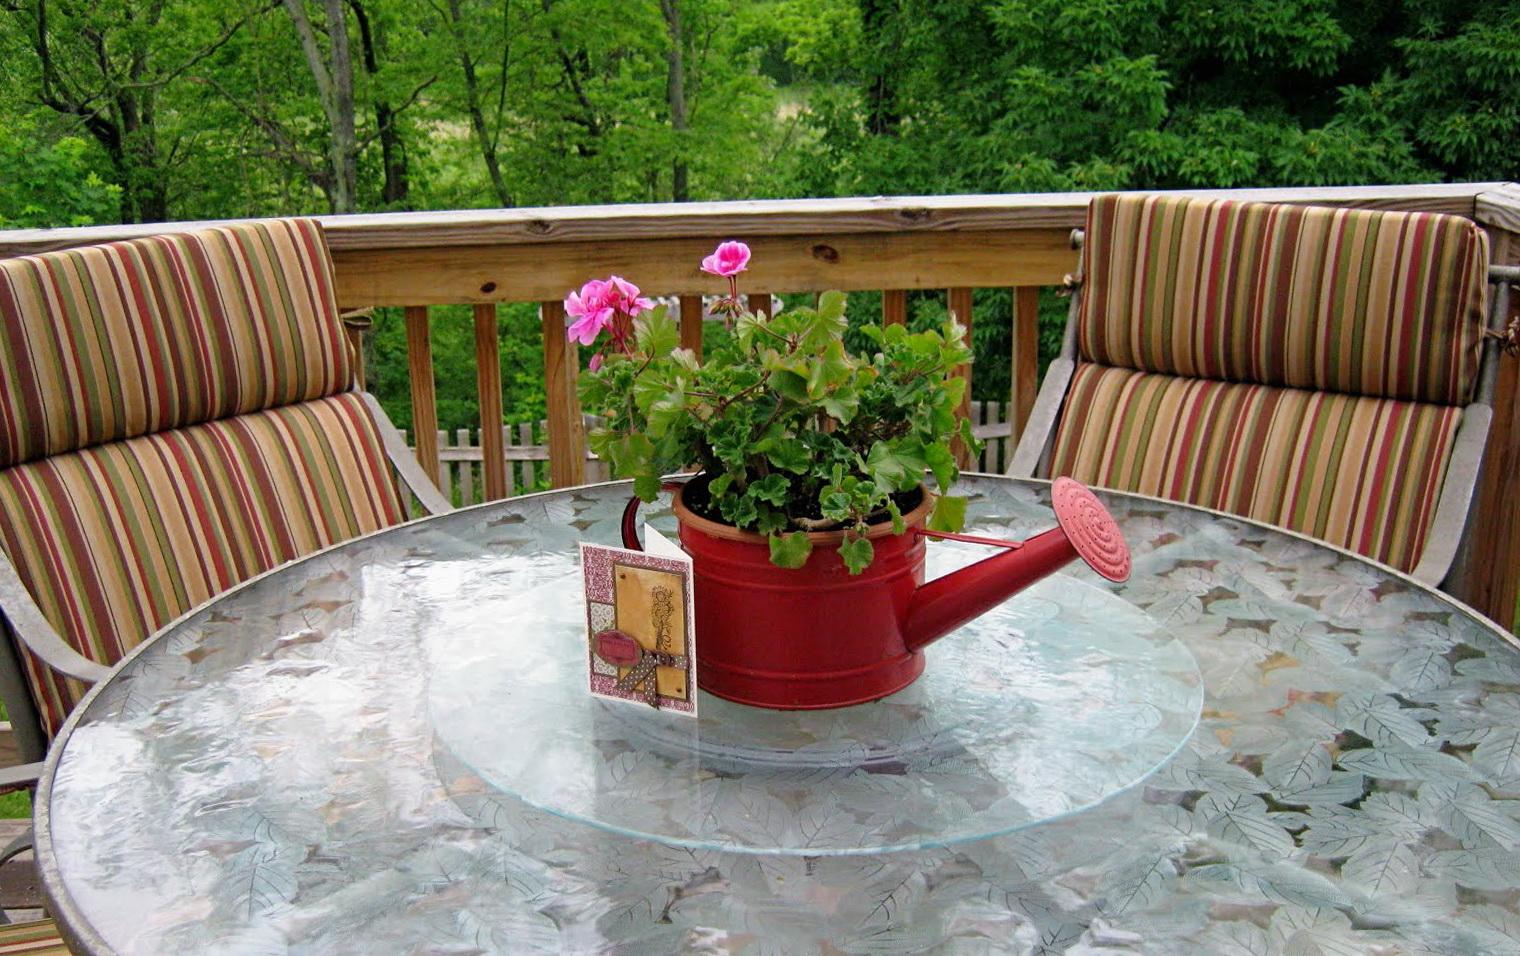 Martha Stewart Patio Cushions Kmart Home Design Ideas